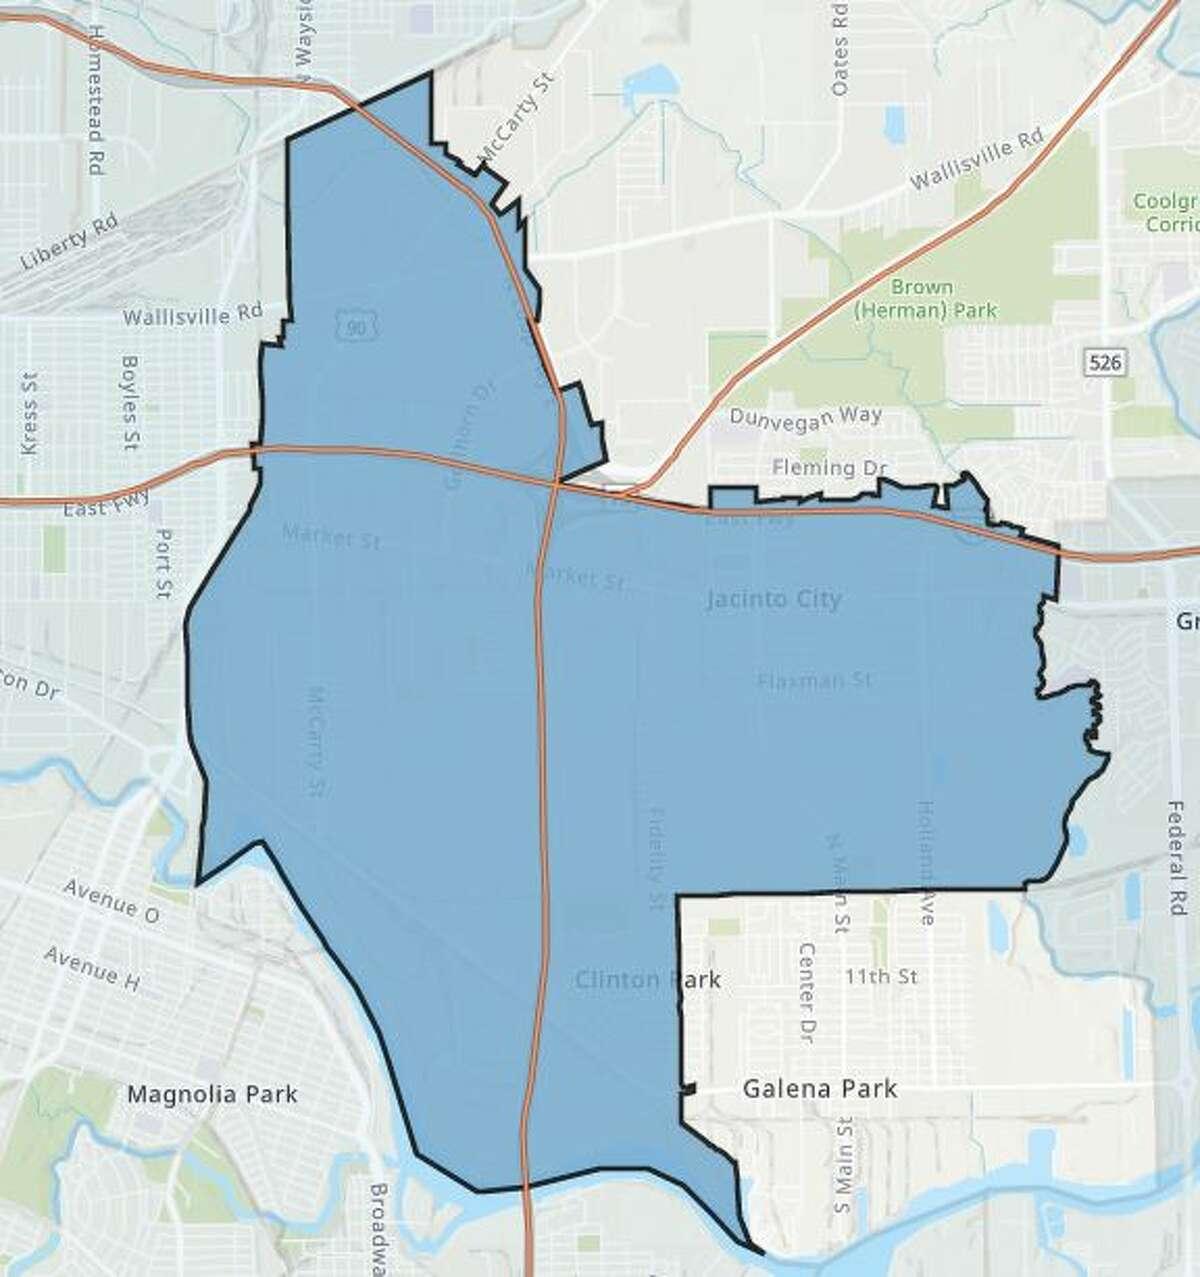 Harris County ZIP: 77029Number of confirmed cases: 25